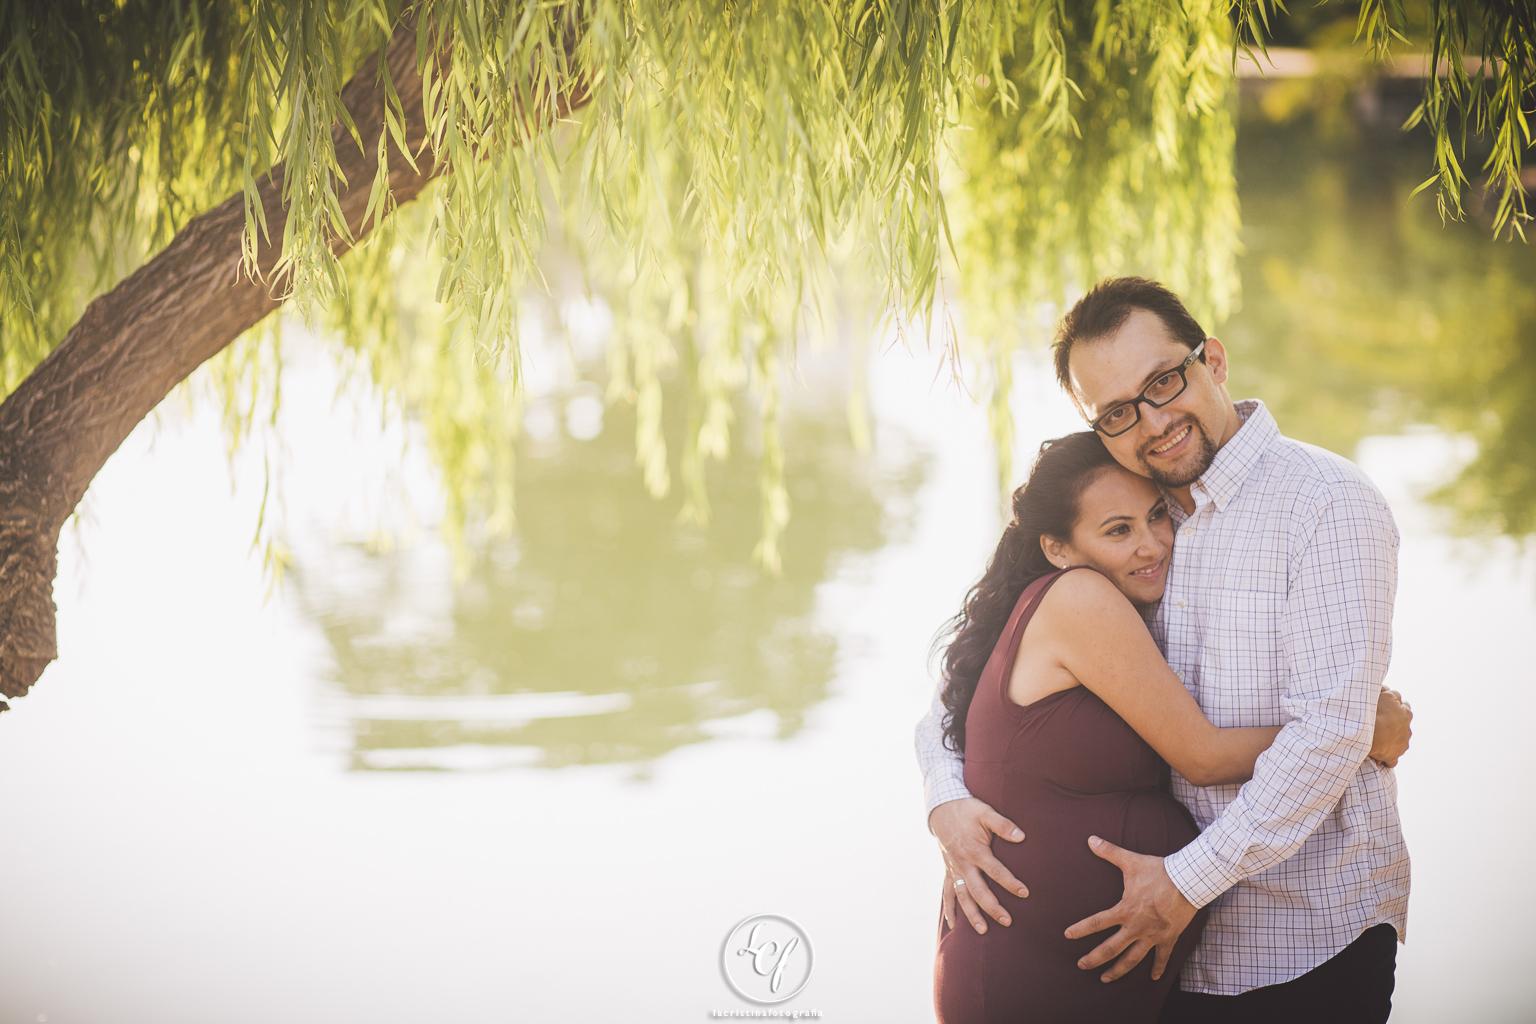 fotógrafo de embarazo :: fotógrafo embarazada :: fotografía embarazada Barcelona :: fotografía amanecer :: fotografía de embarazo playa